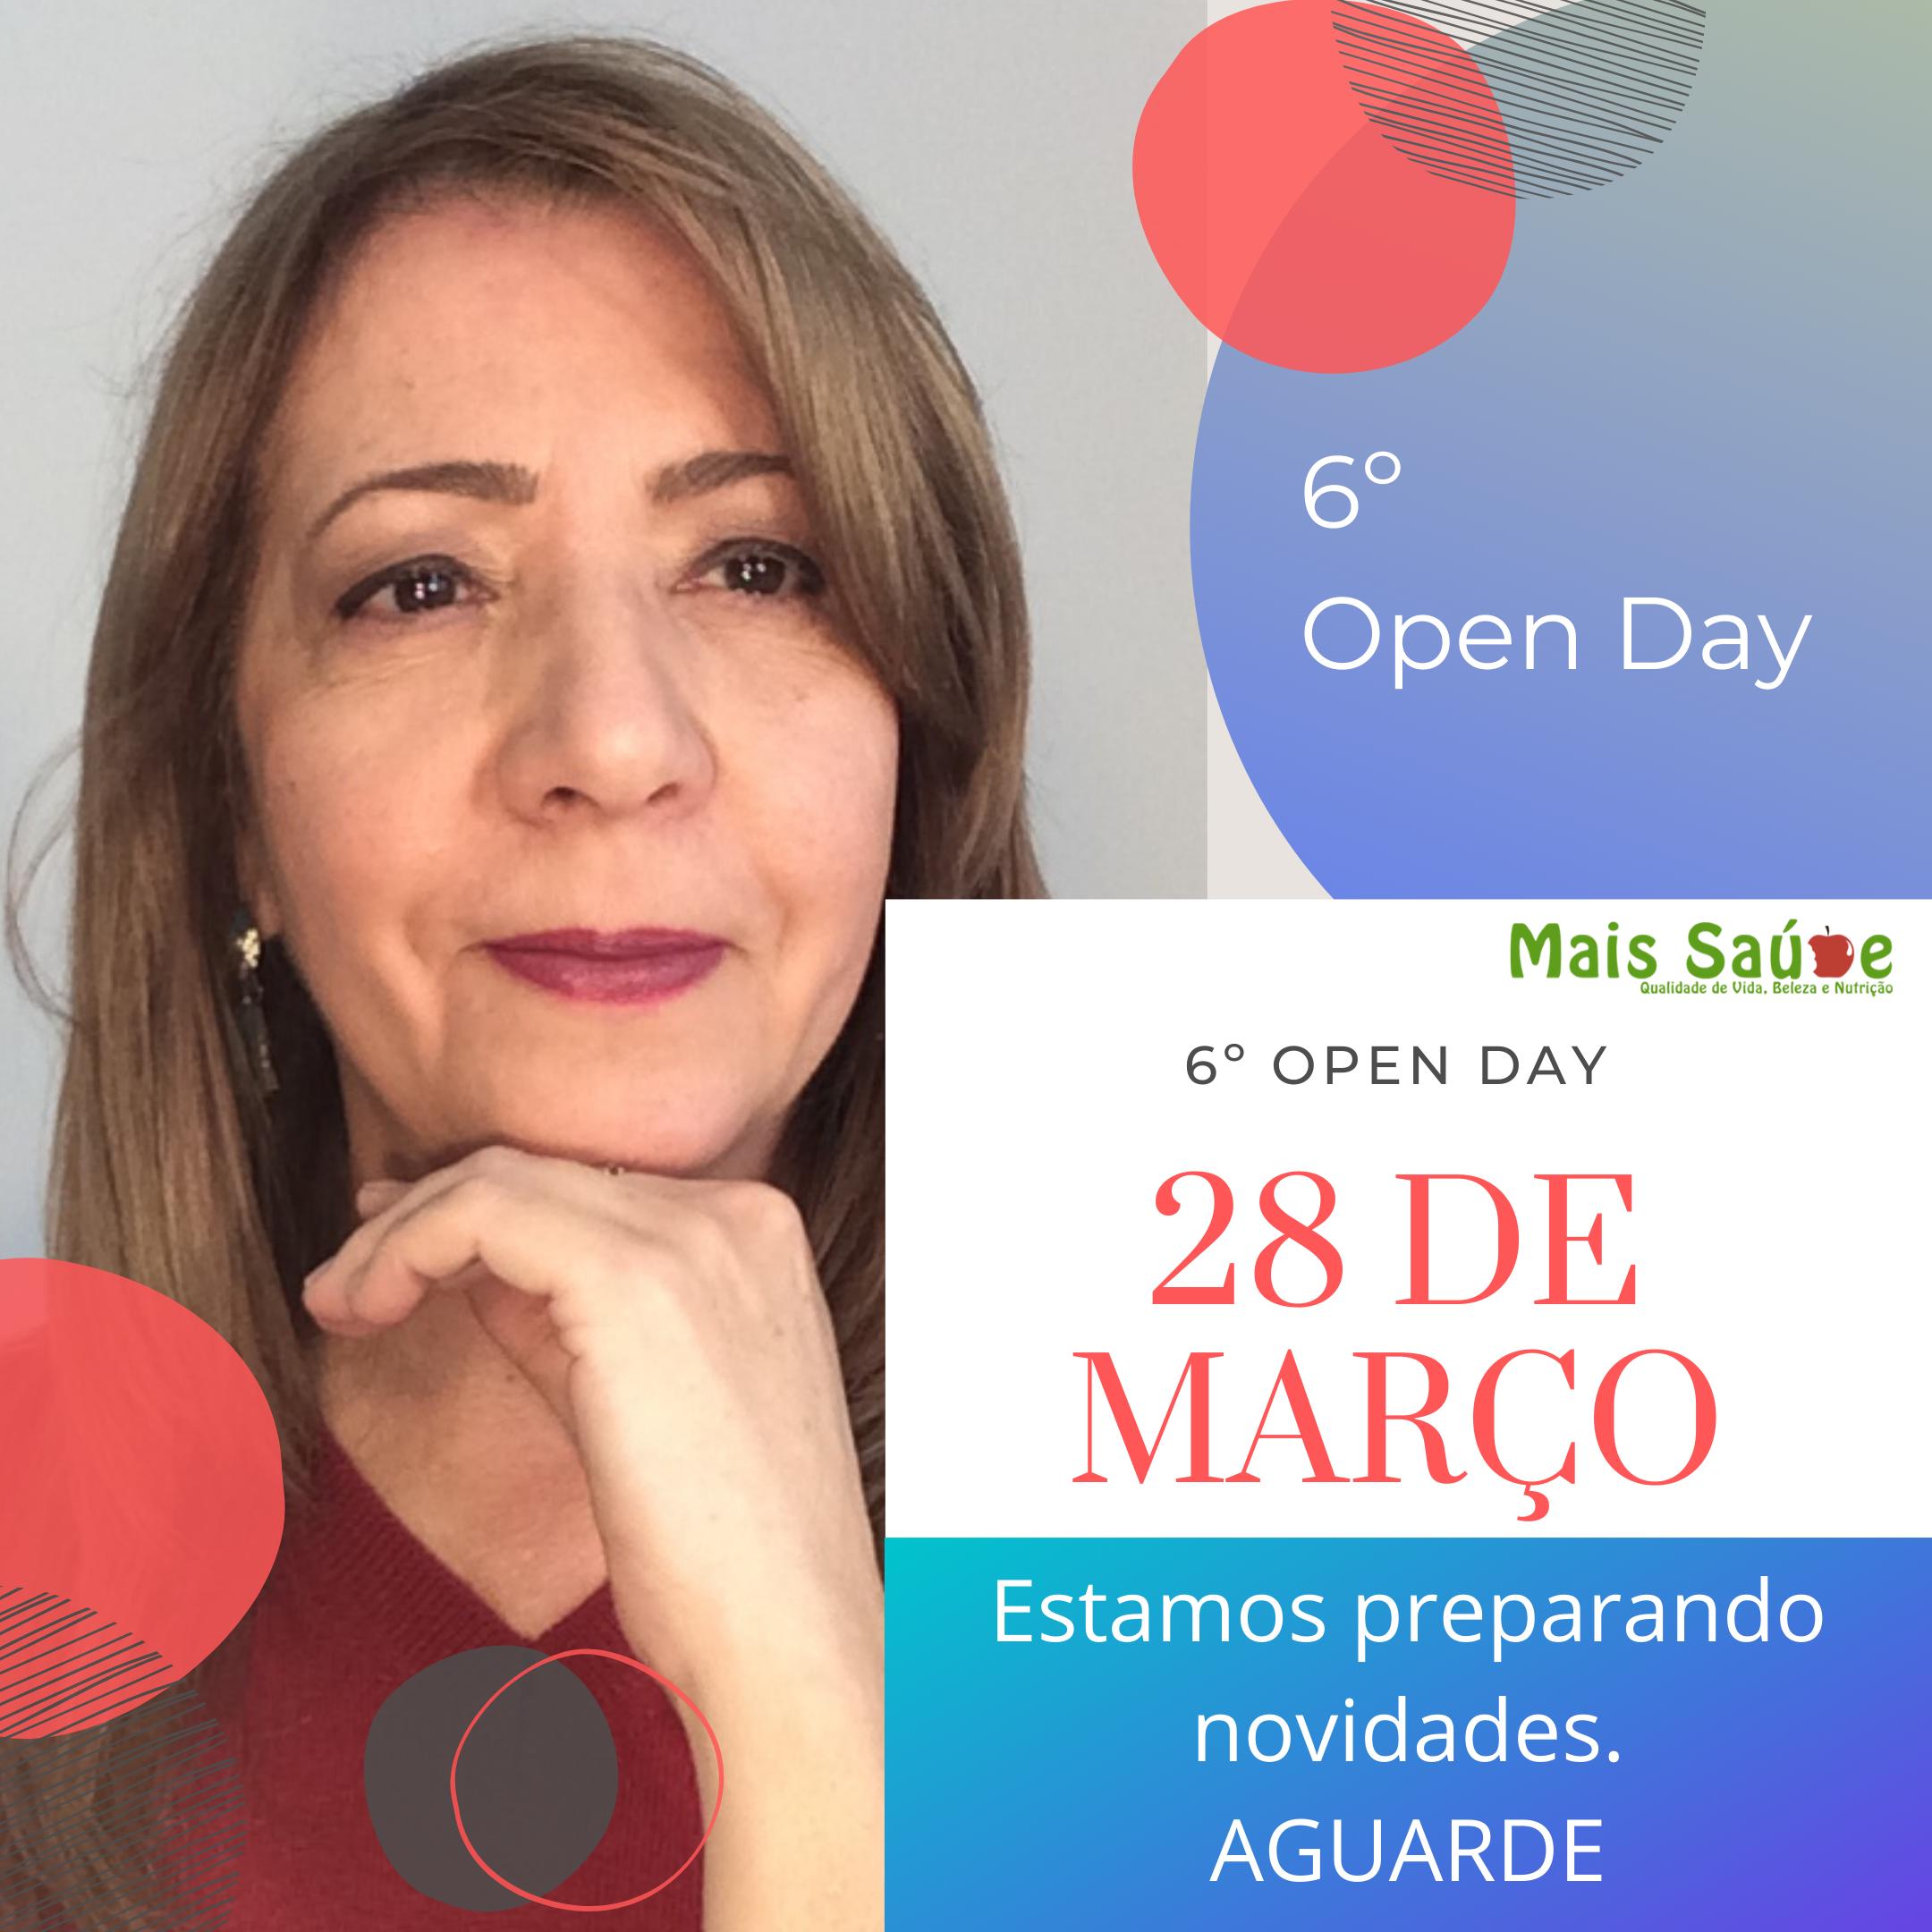 6º OPEN DAY